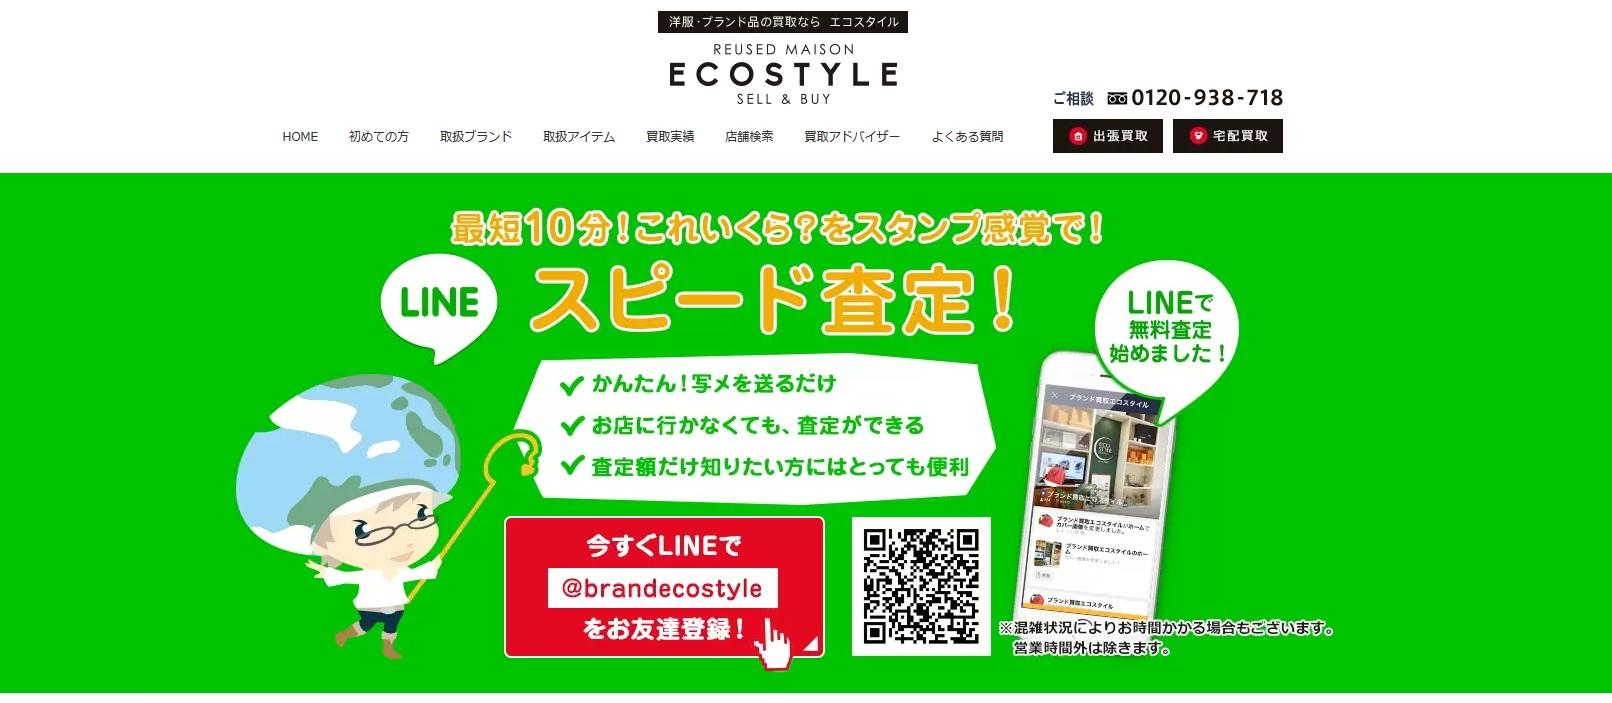 LINE査定 エコスタイル